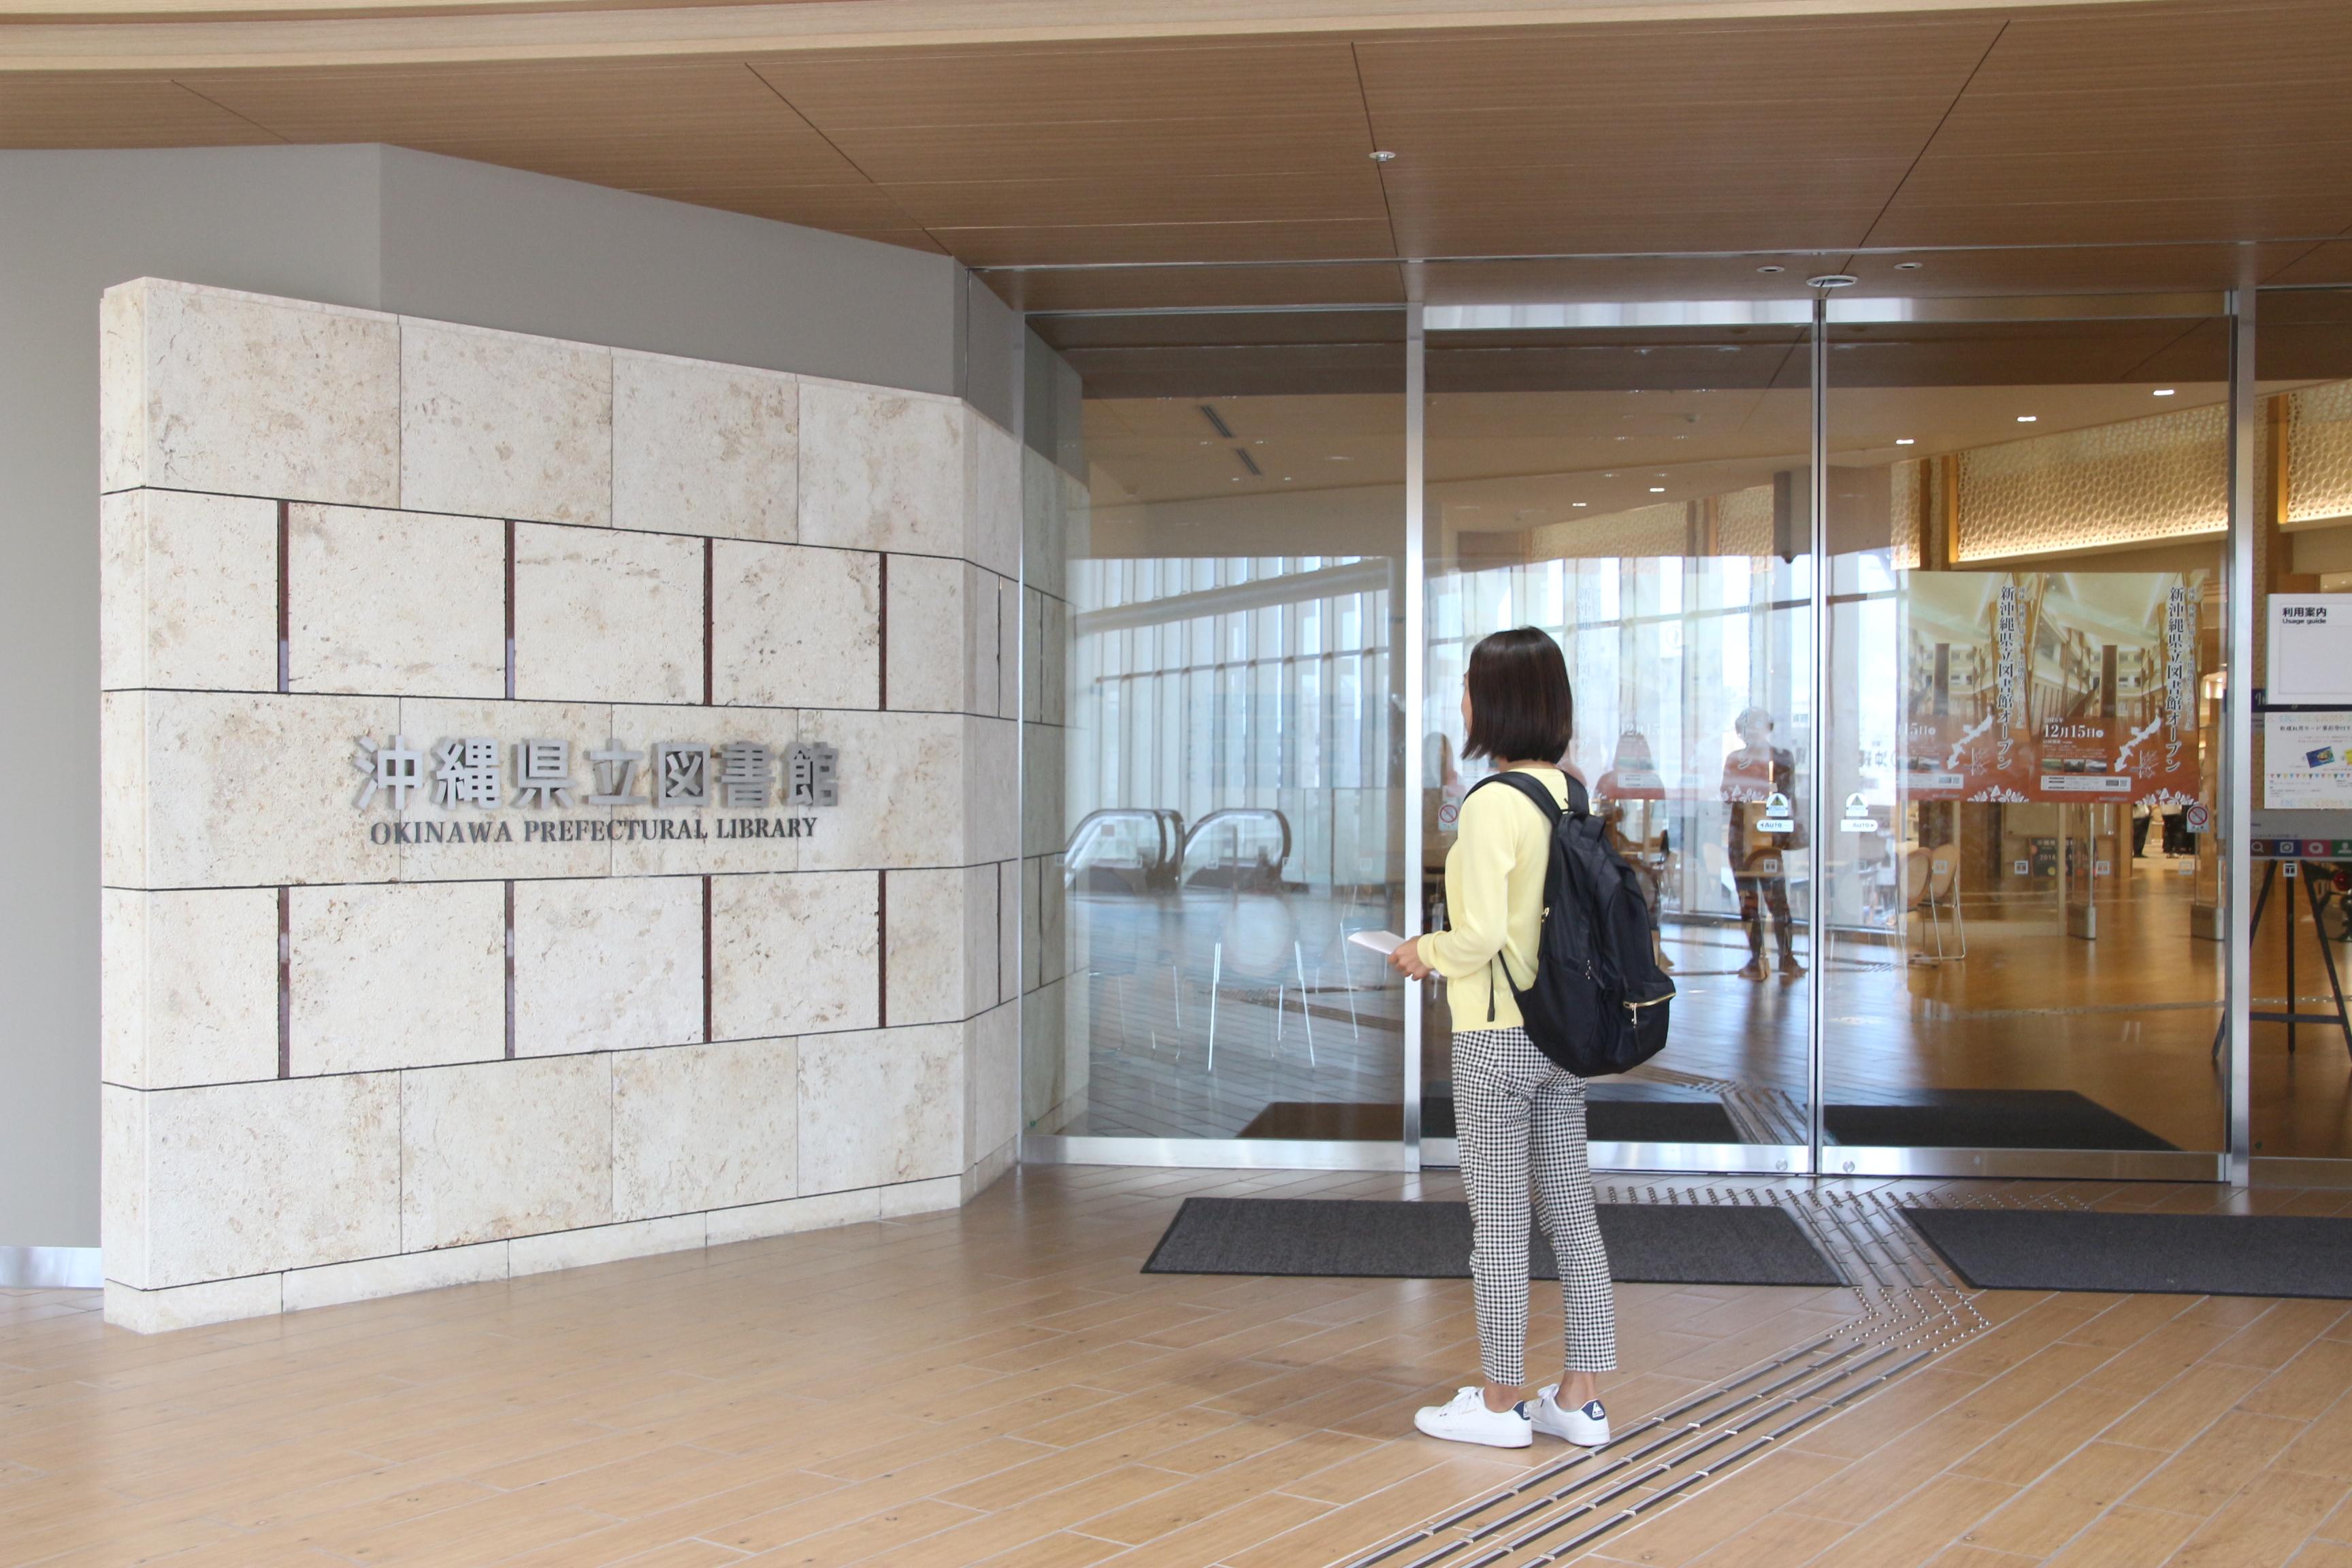 沖縄県立図書館入口